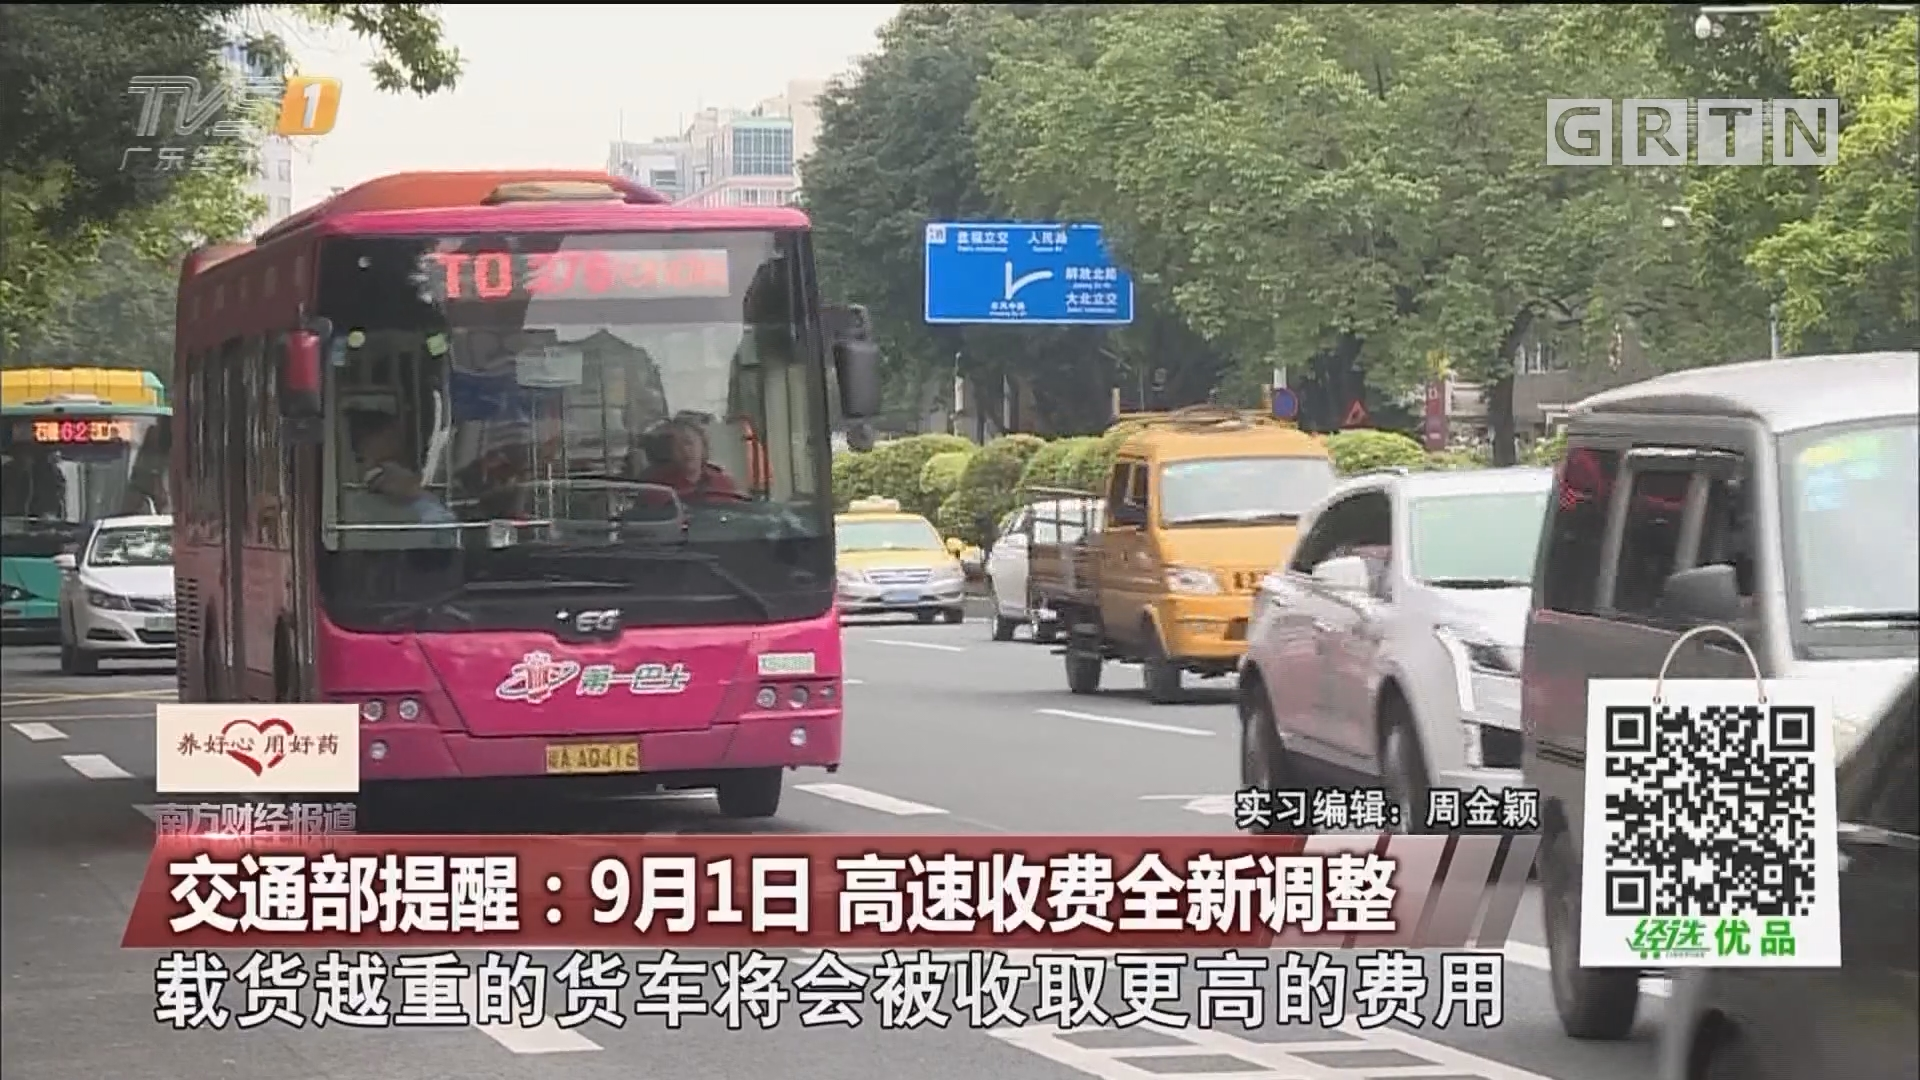 交通部提醒:9月1日 高速收费全新调整